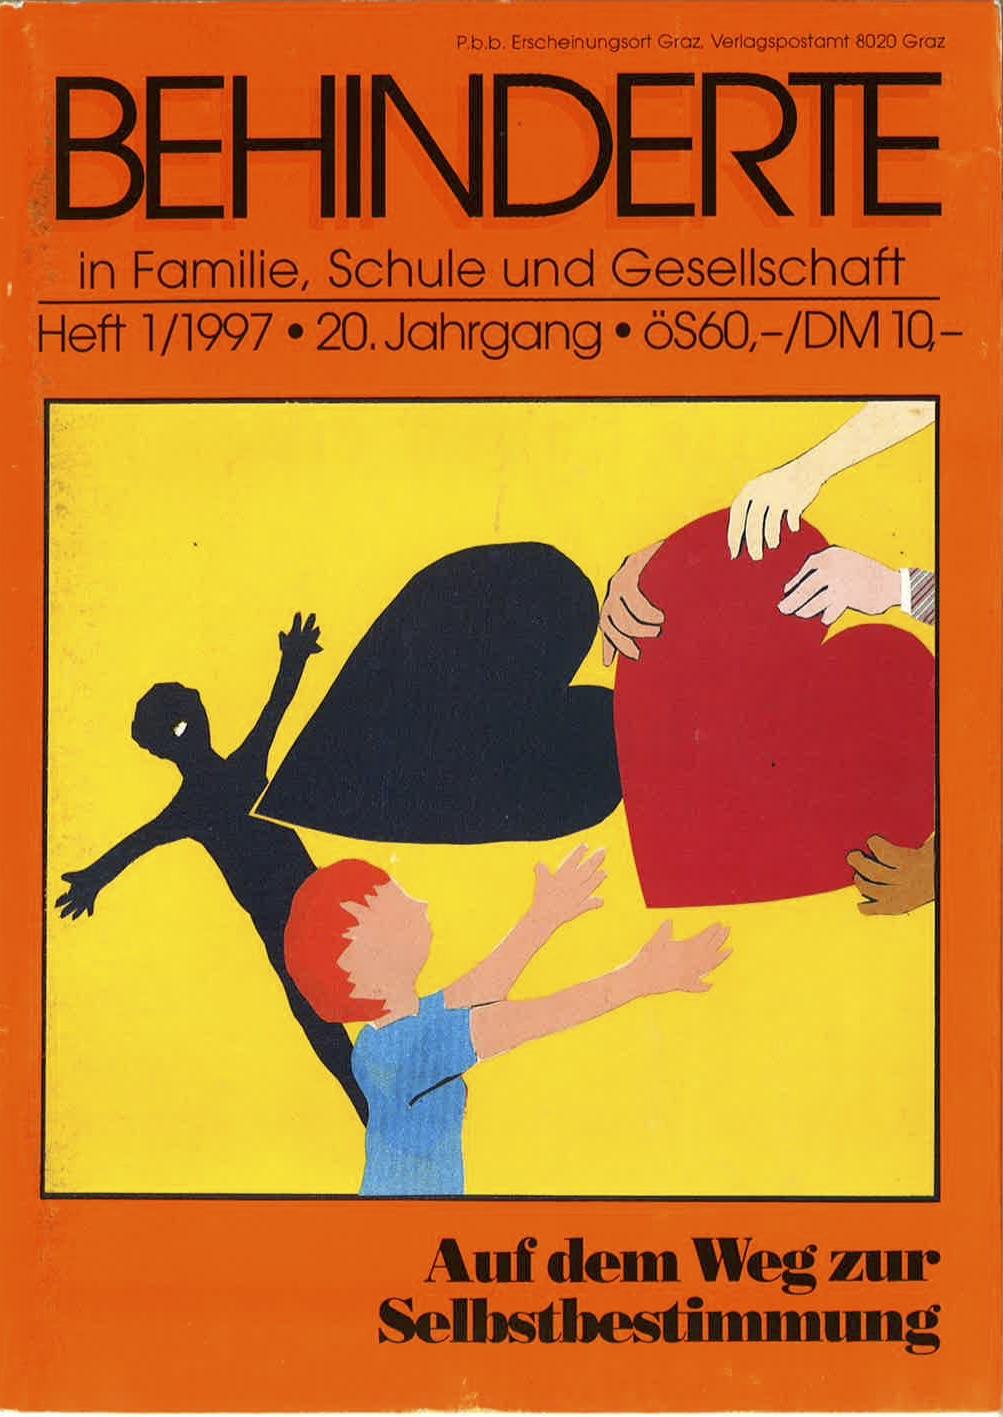 """Titelbild der Zeitschrift BEHINDERTE MENSCHEN, Ausgabe 1/1997 """"Auf dem Weg zur Selbstbestimmung"""""""